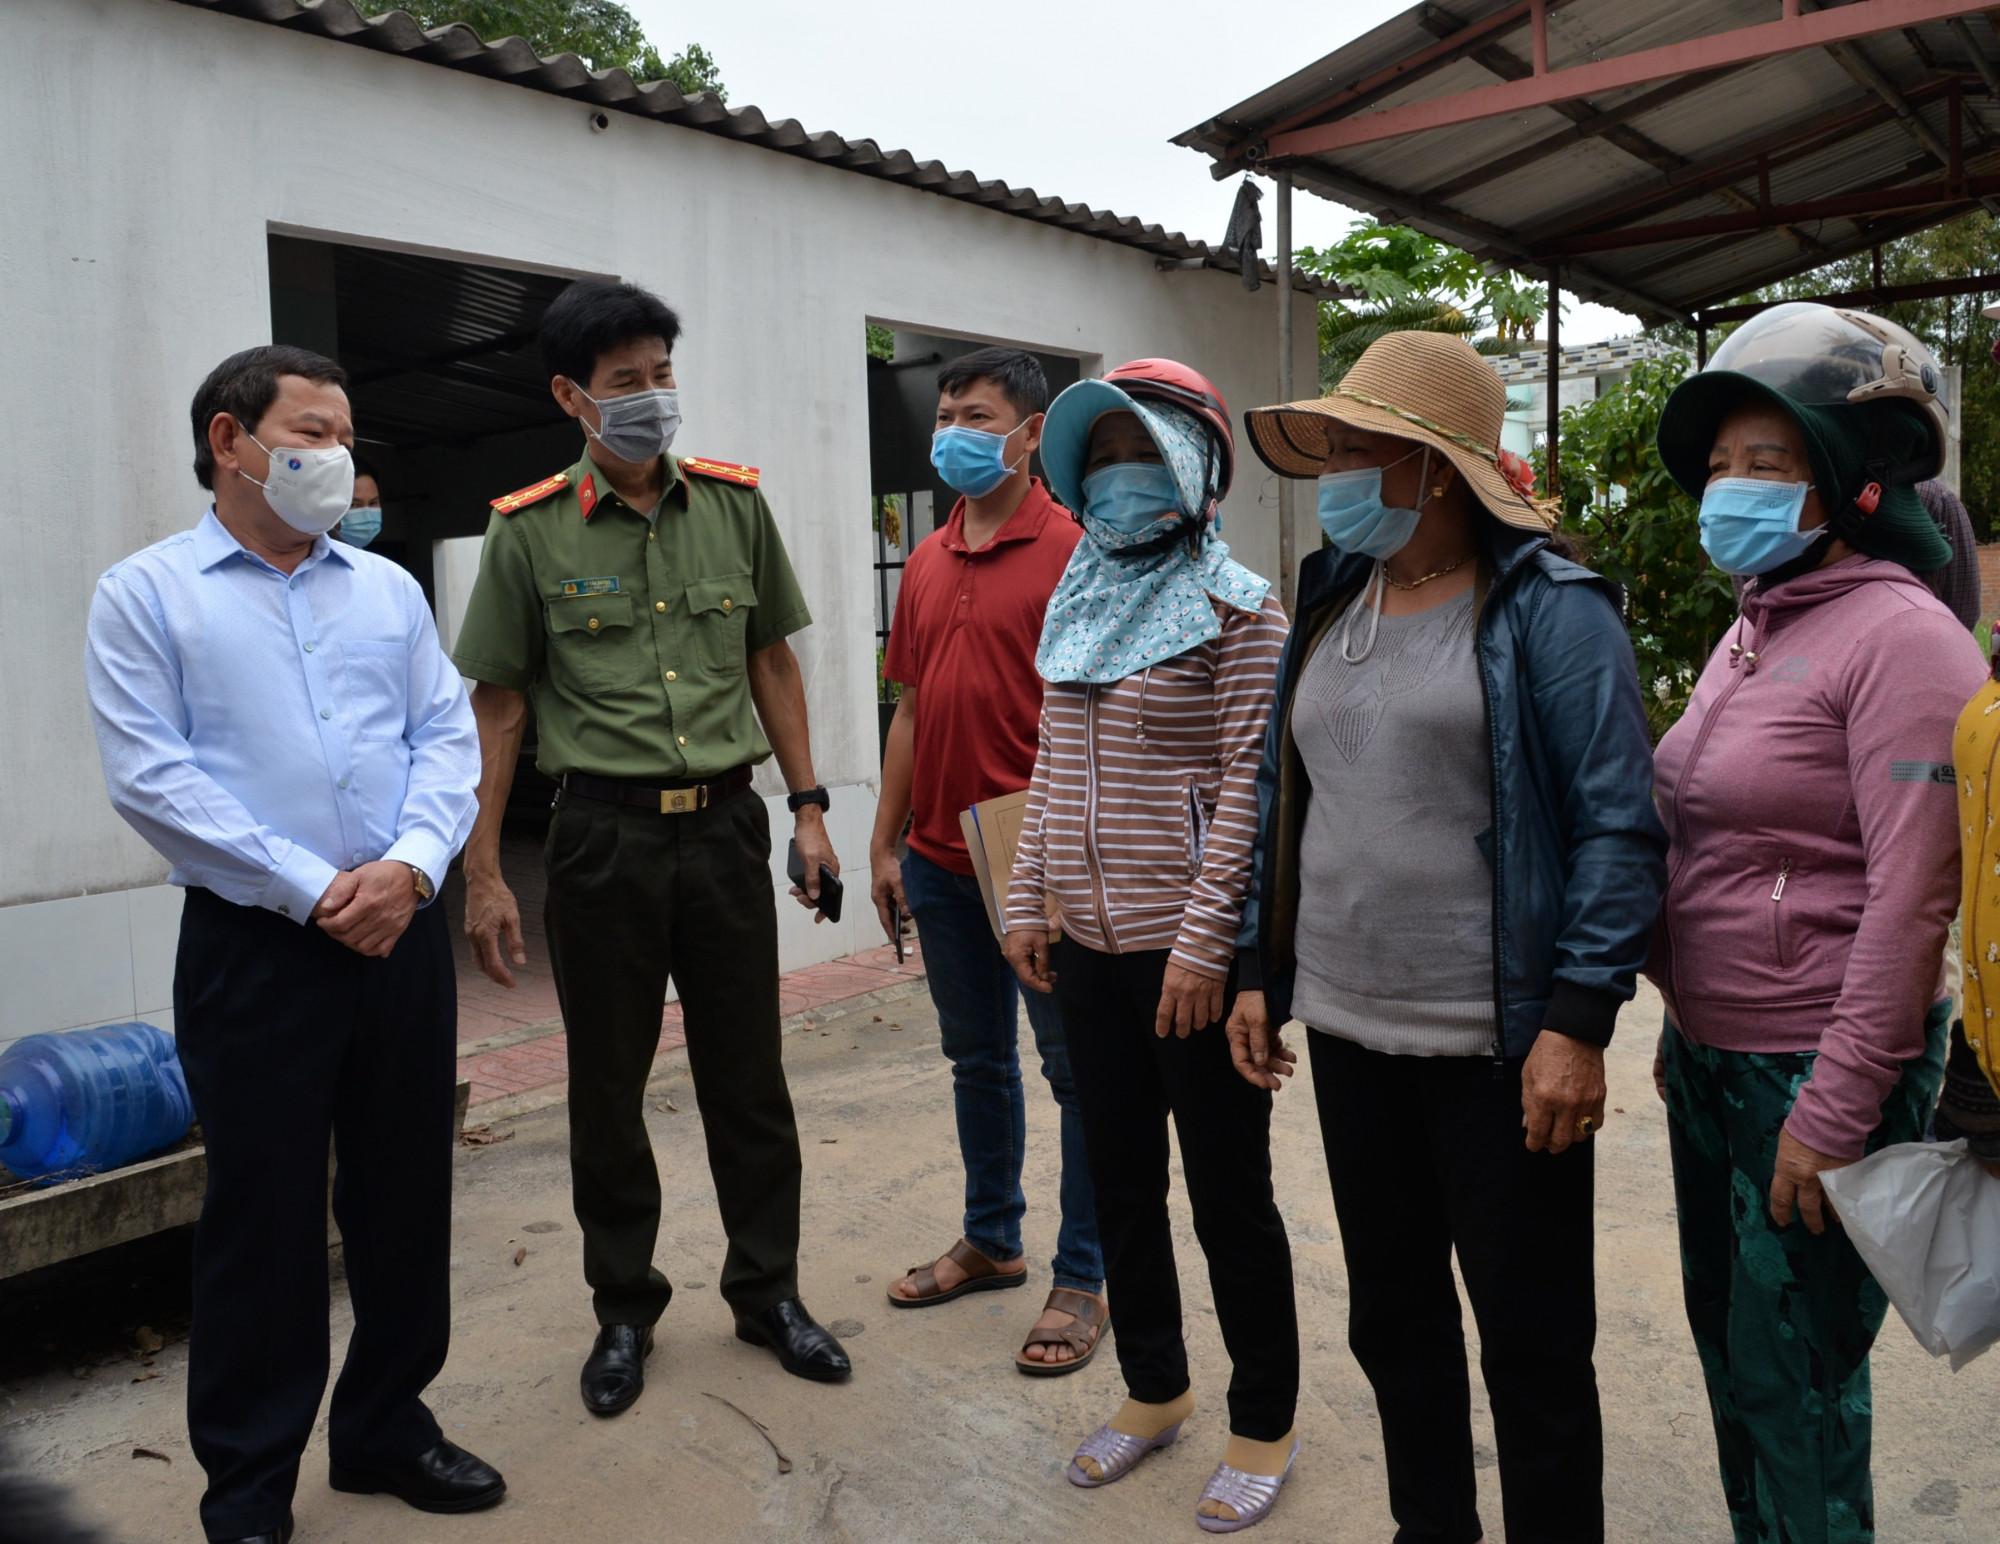 Chủ tịch UBND tỉnh Quảng Ngãi Đặng Văn Minh (ngoài cùng bên trái) đi kiểm tra tại nhà dân bị ảnh hưởng ô nhiễm môi trường